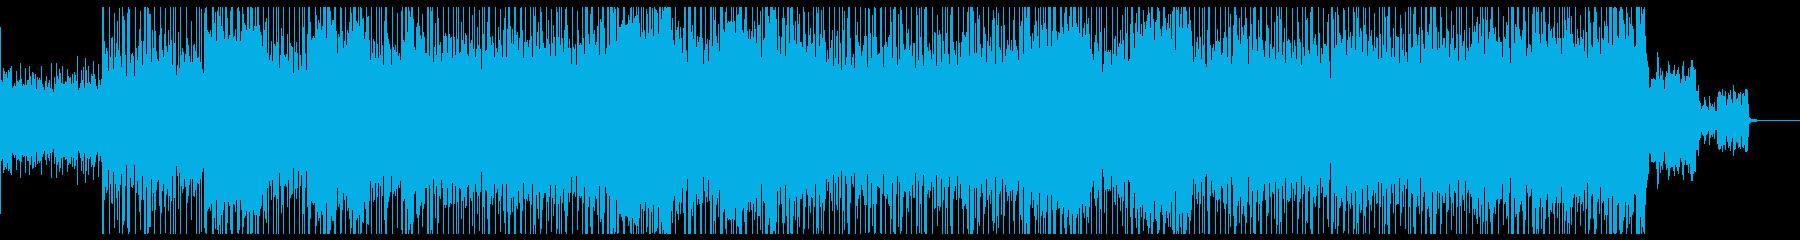 サイバー 近未来的な疾走感サウンドの再生済みの波形